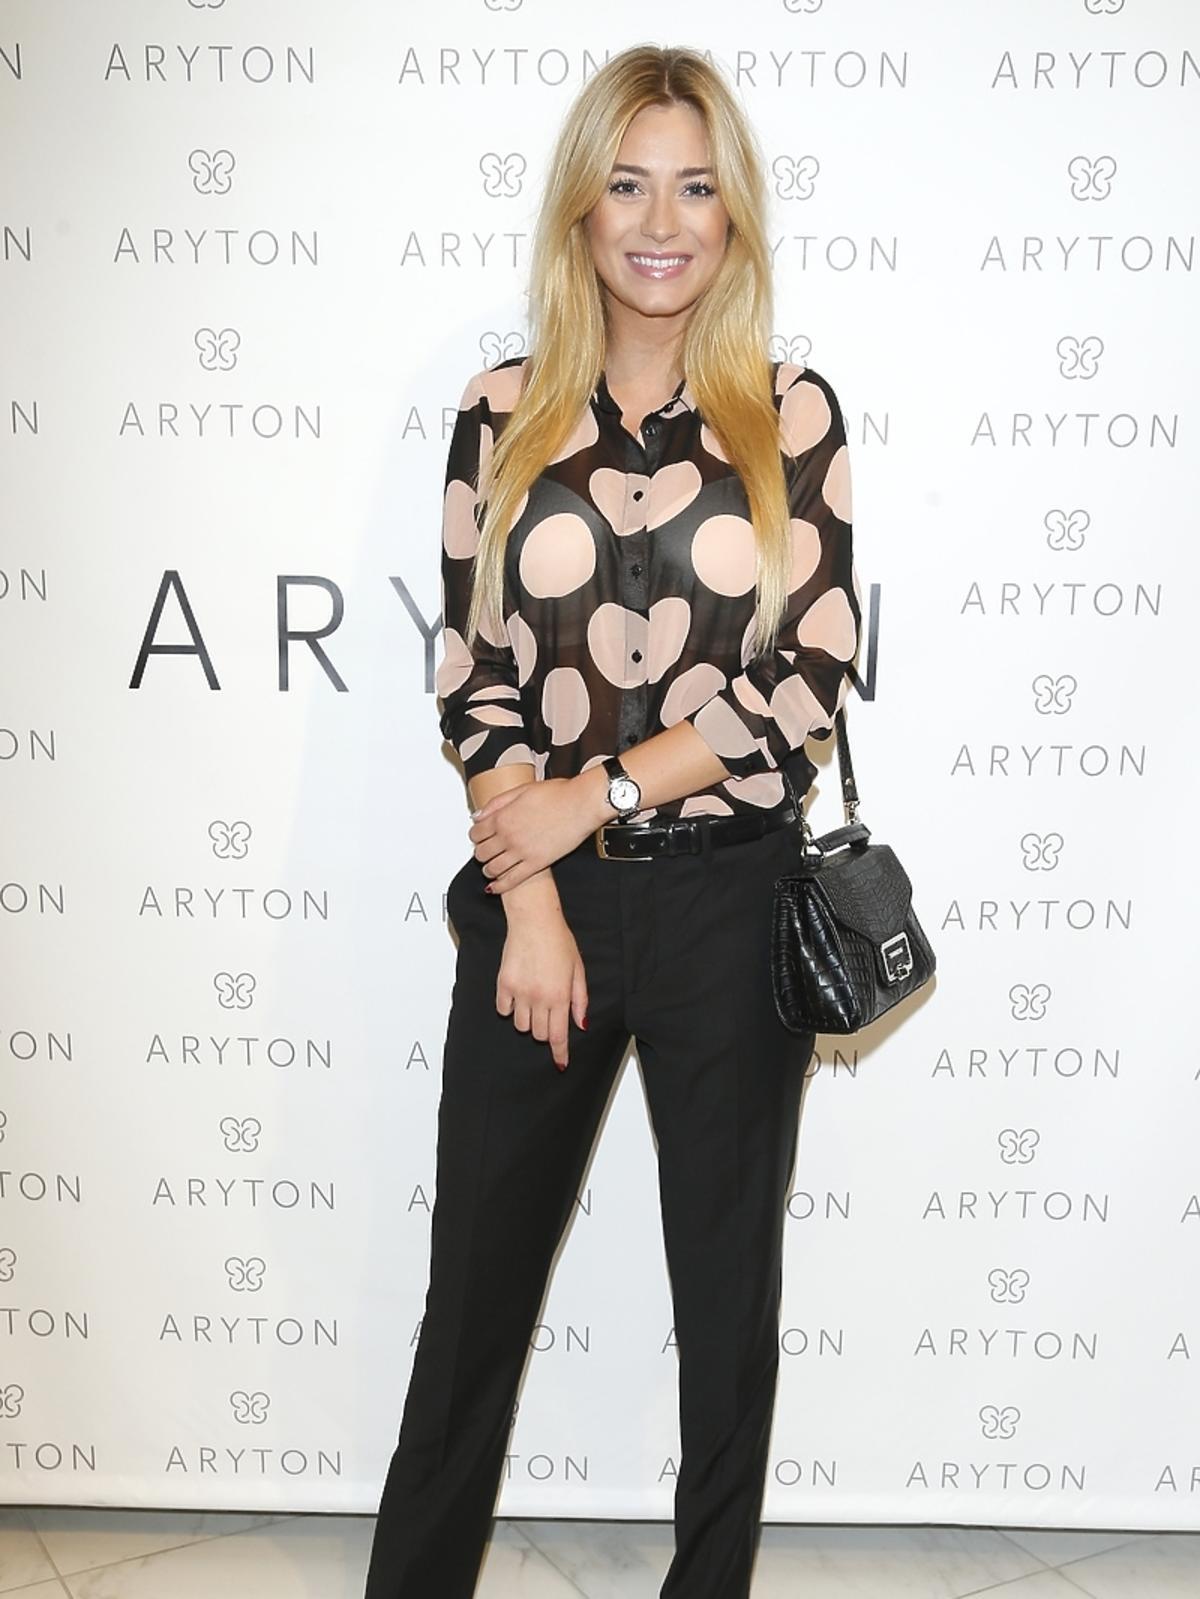 Marcelina Zawadzka na pokazie nowej kolekcji marki Aryton